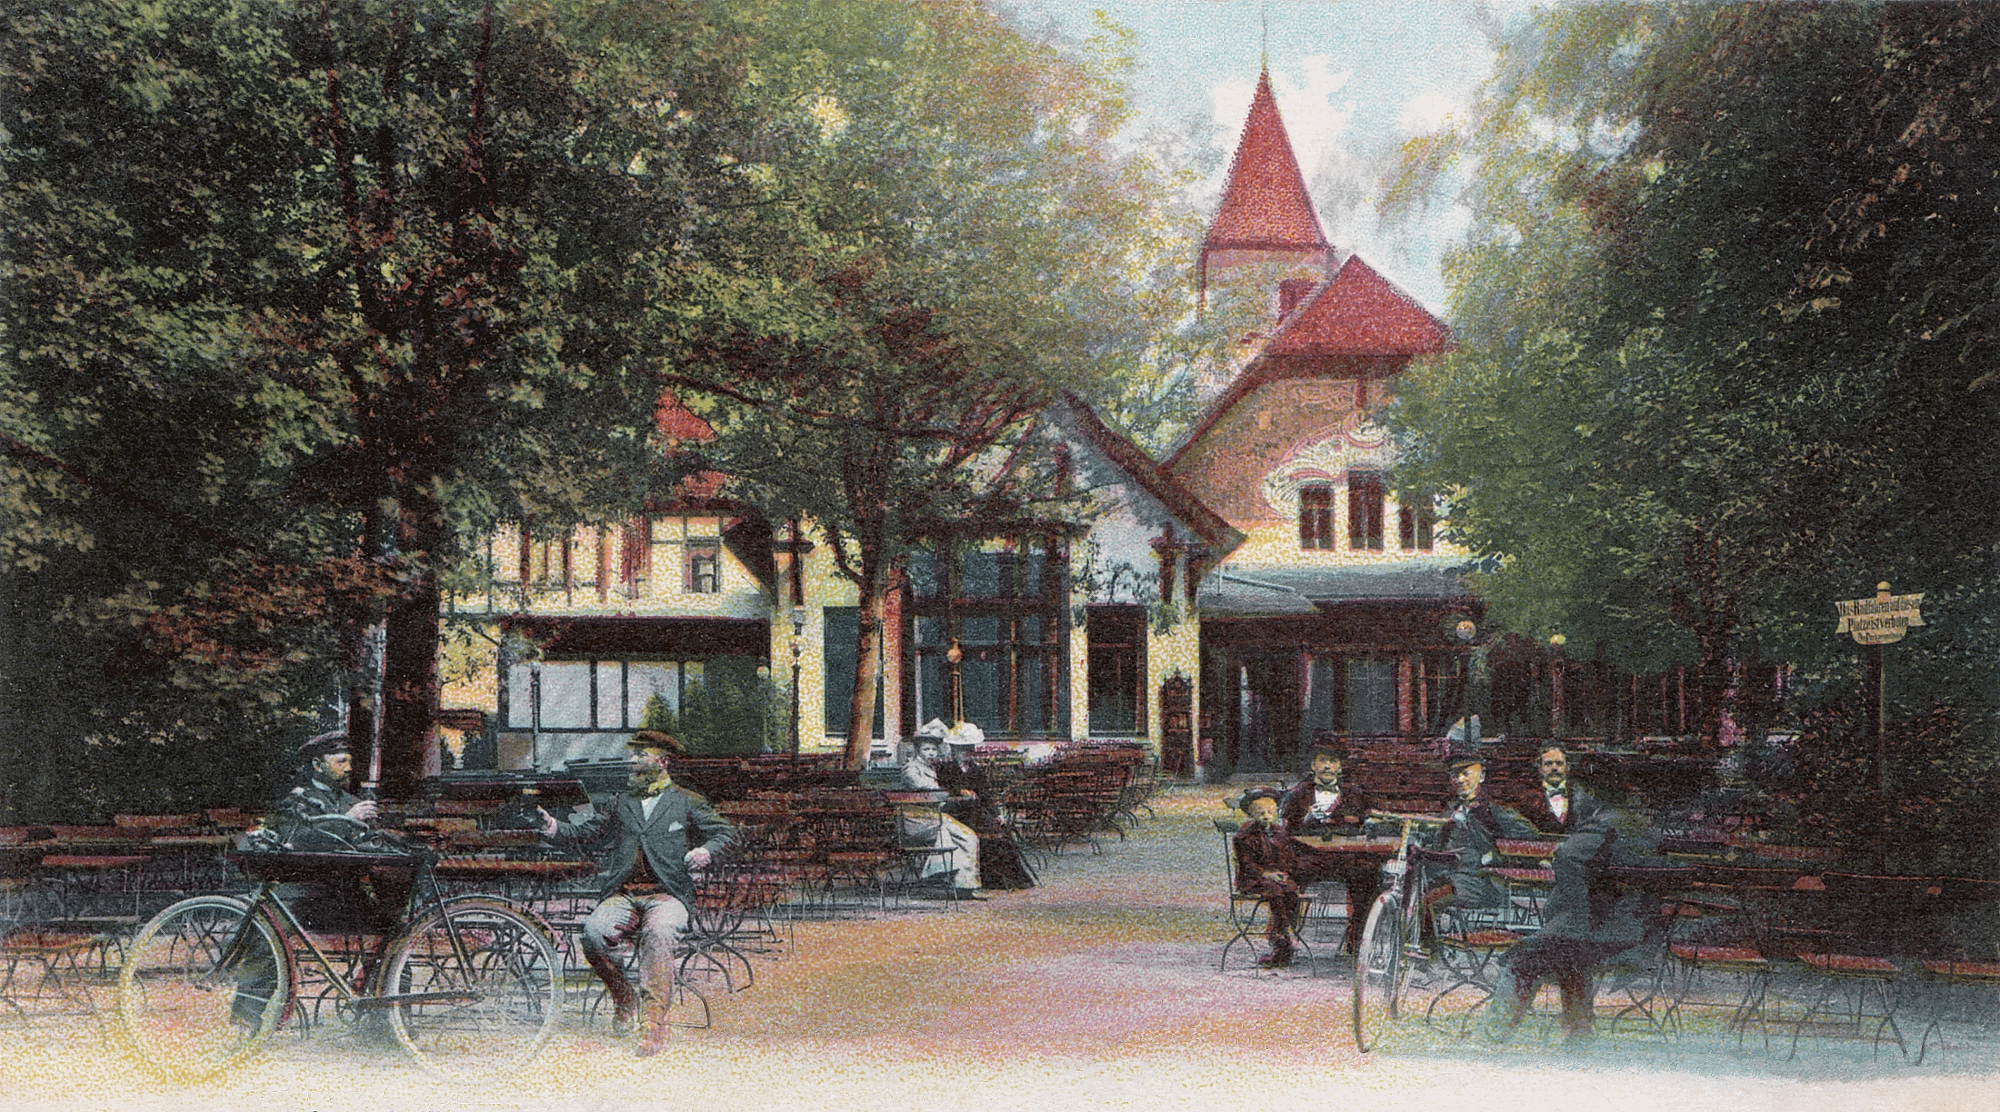 Nr.426 - Cafehaus, Fahrradfahrer-Pause